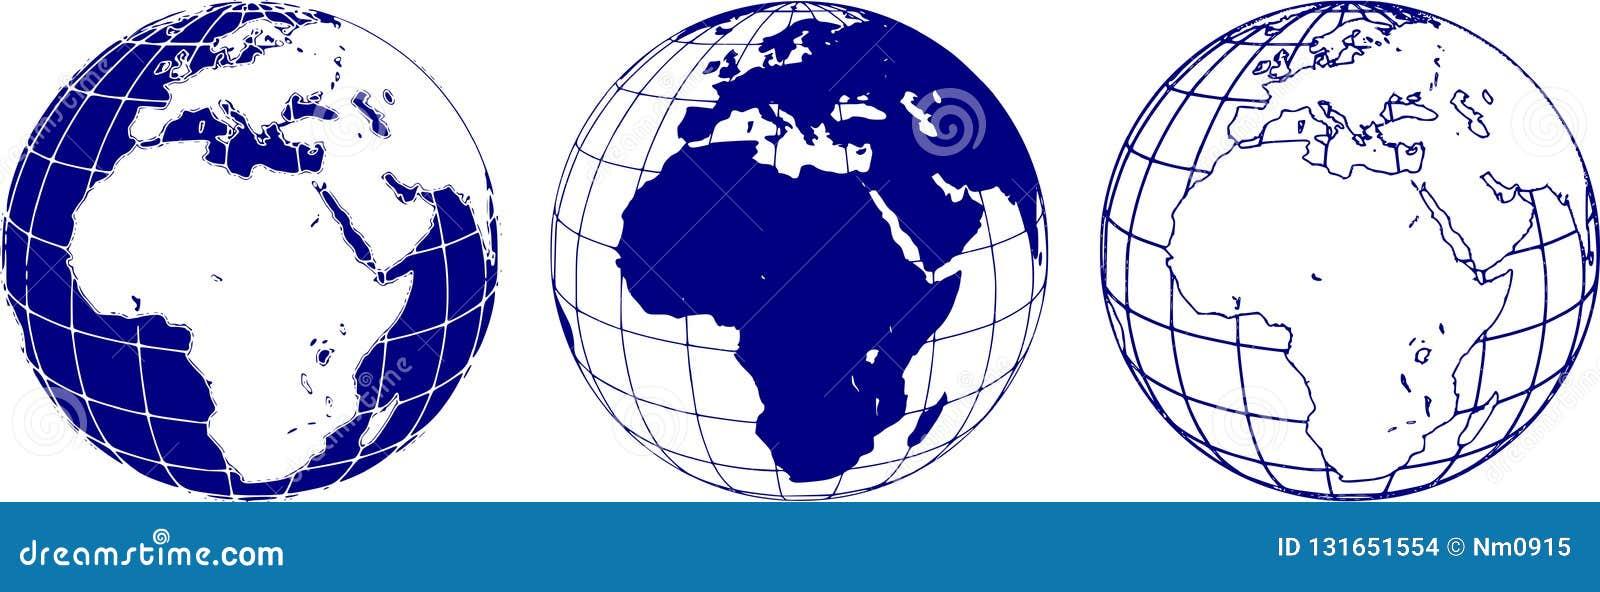 Schematyczny wizerunek wschodnia hemisfera planety ziemia